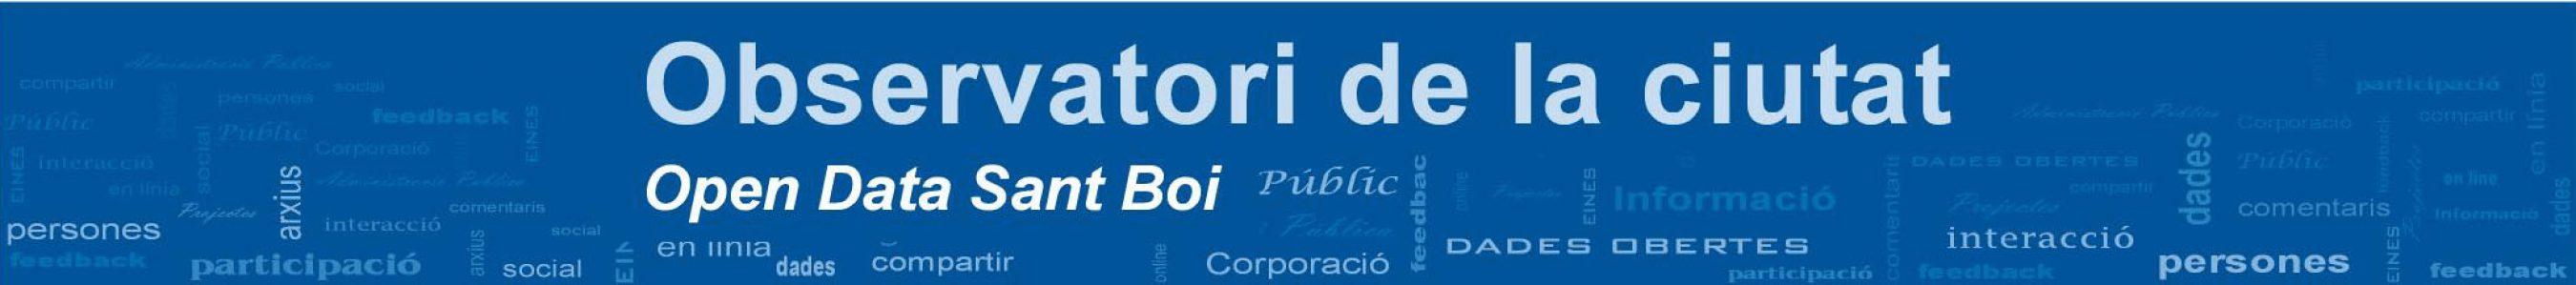 Observatori de la Ciutat – Open Data – Ajuntament de Sant Boi de Llobregat